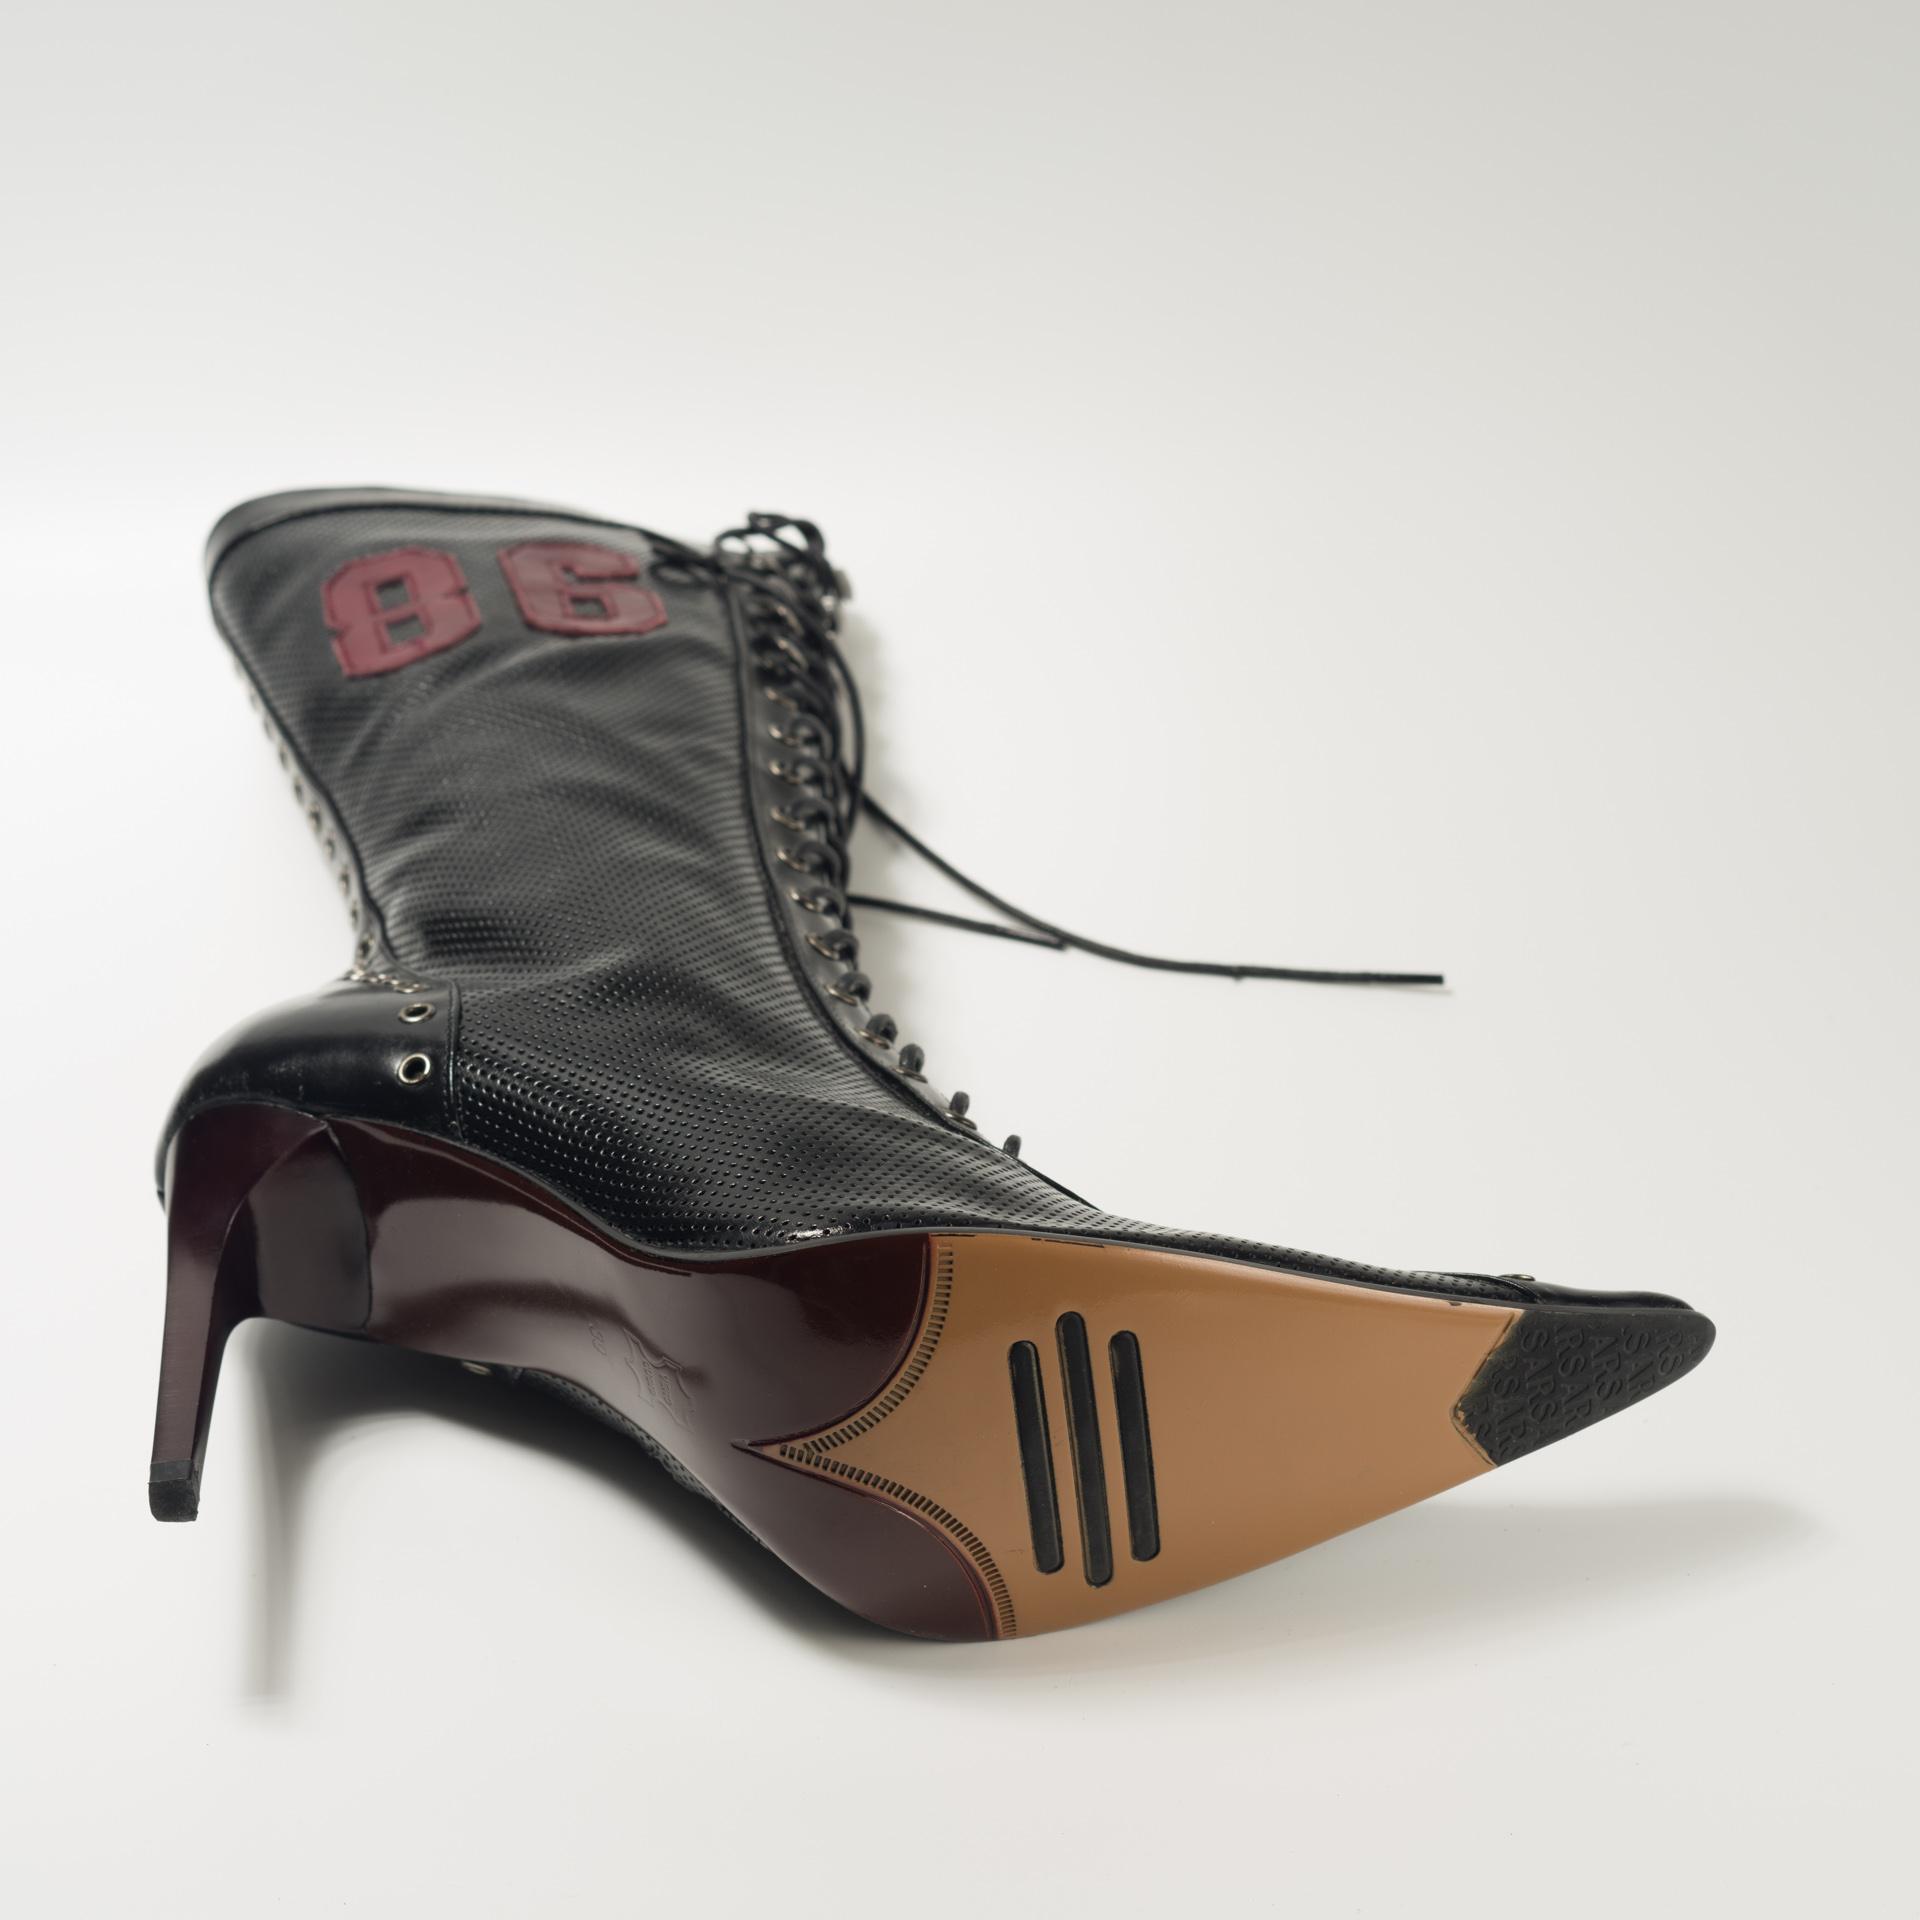 独家新款前男友复古尖头放克女靴里外全皮绑带主持表演 高筒靴子